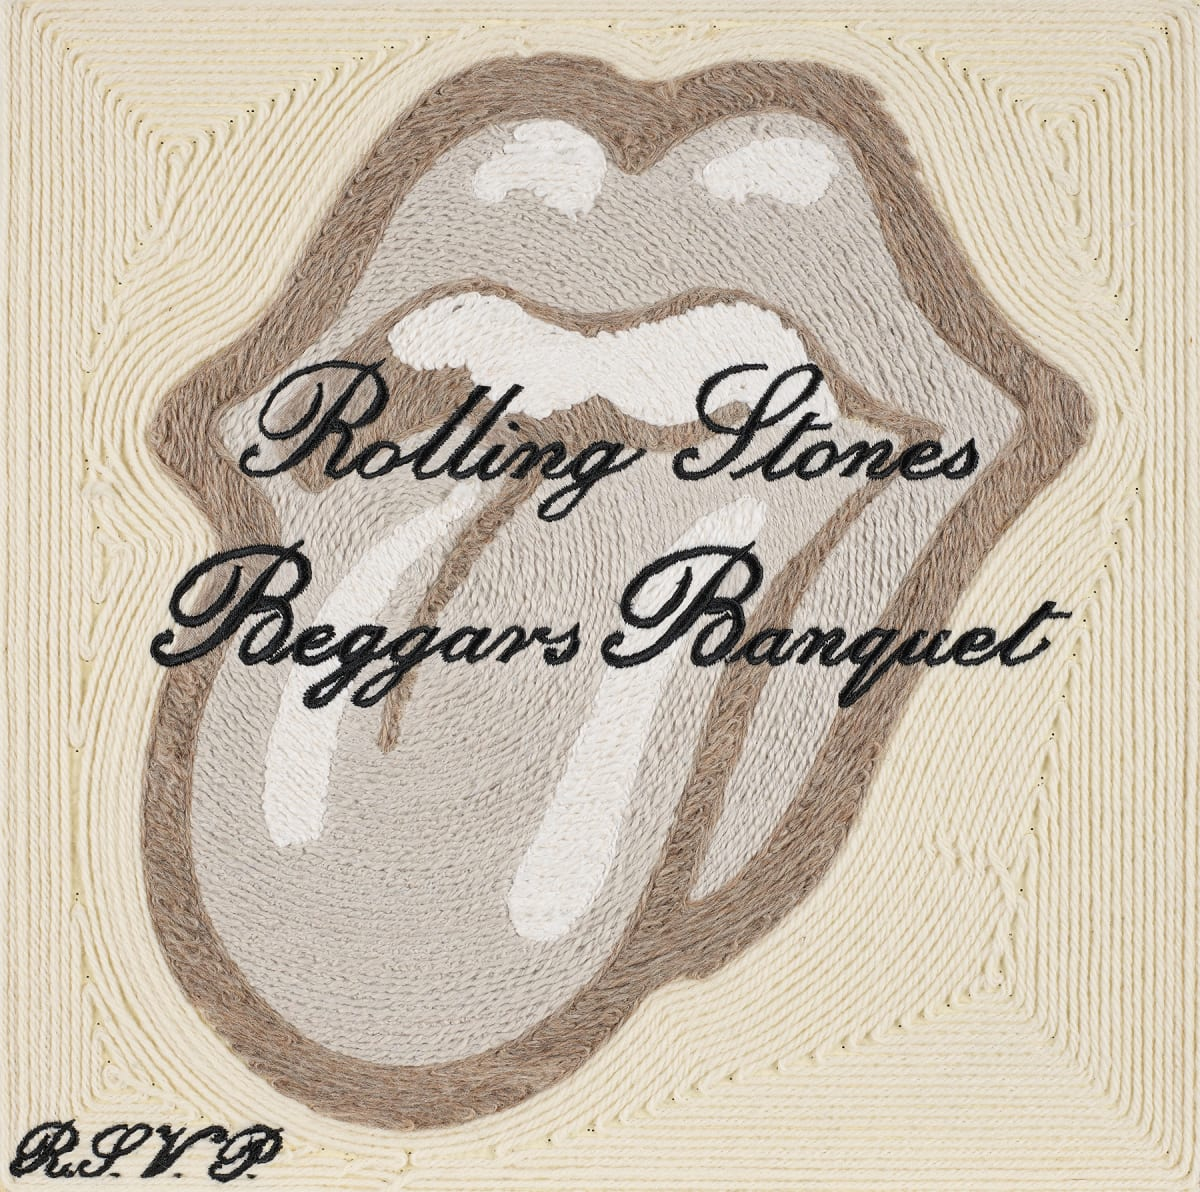 Stephen Wilson, Beggar's Banquet, The Rolling Stones, 2020